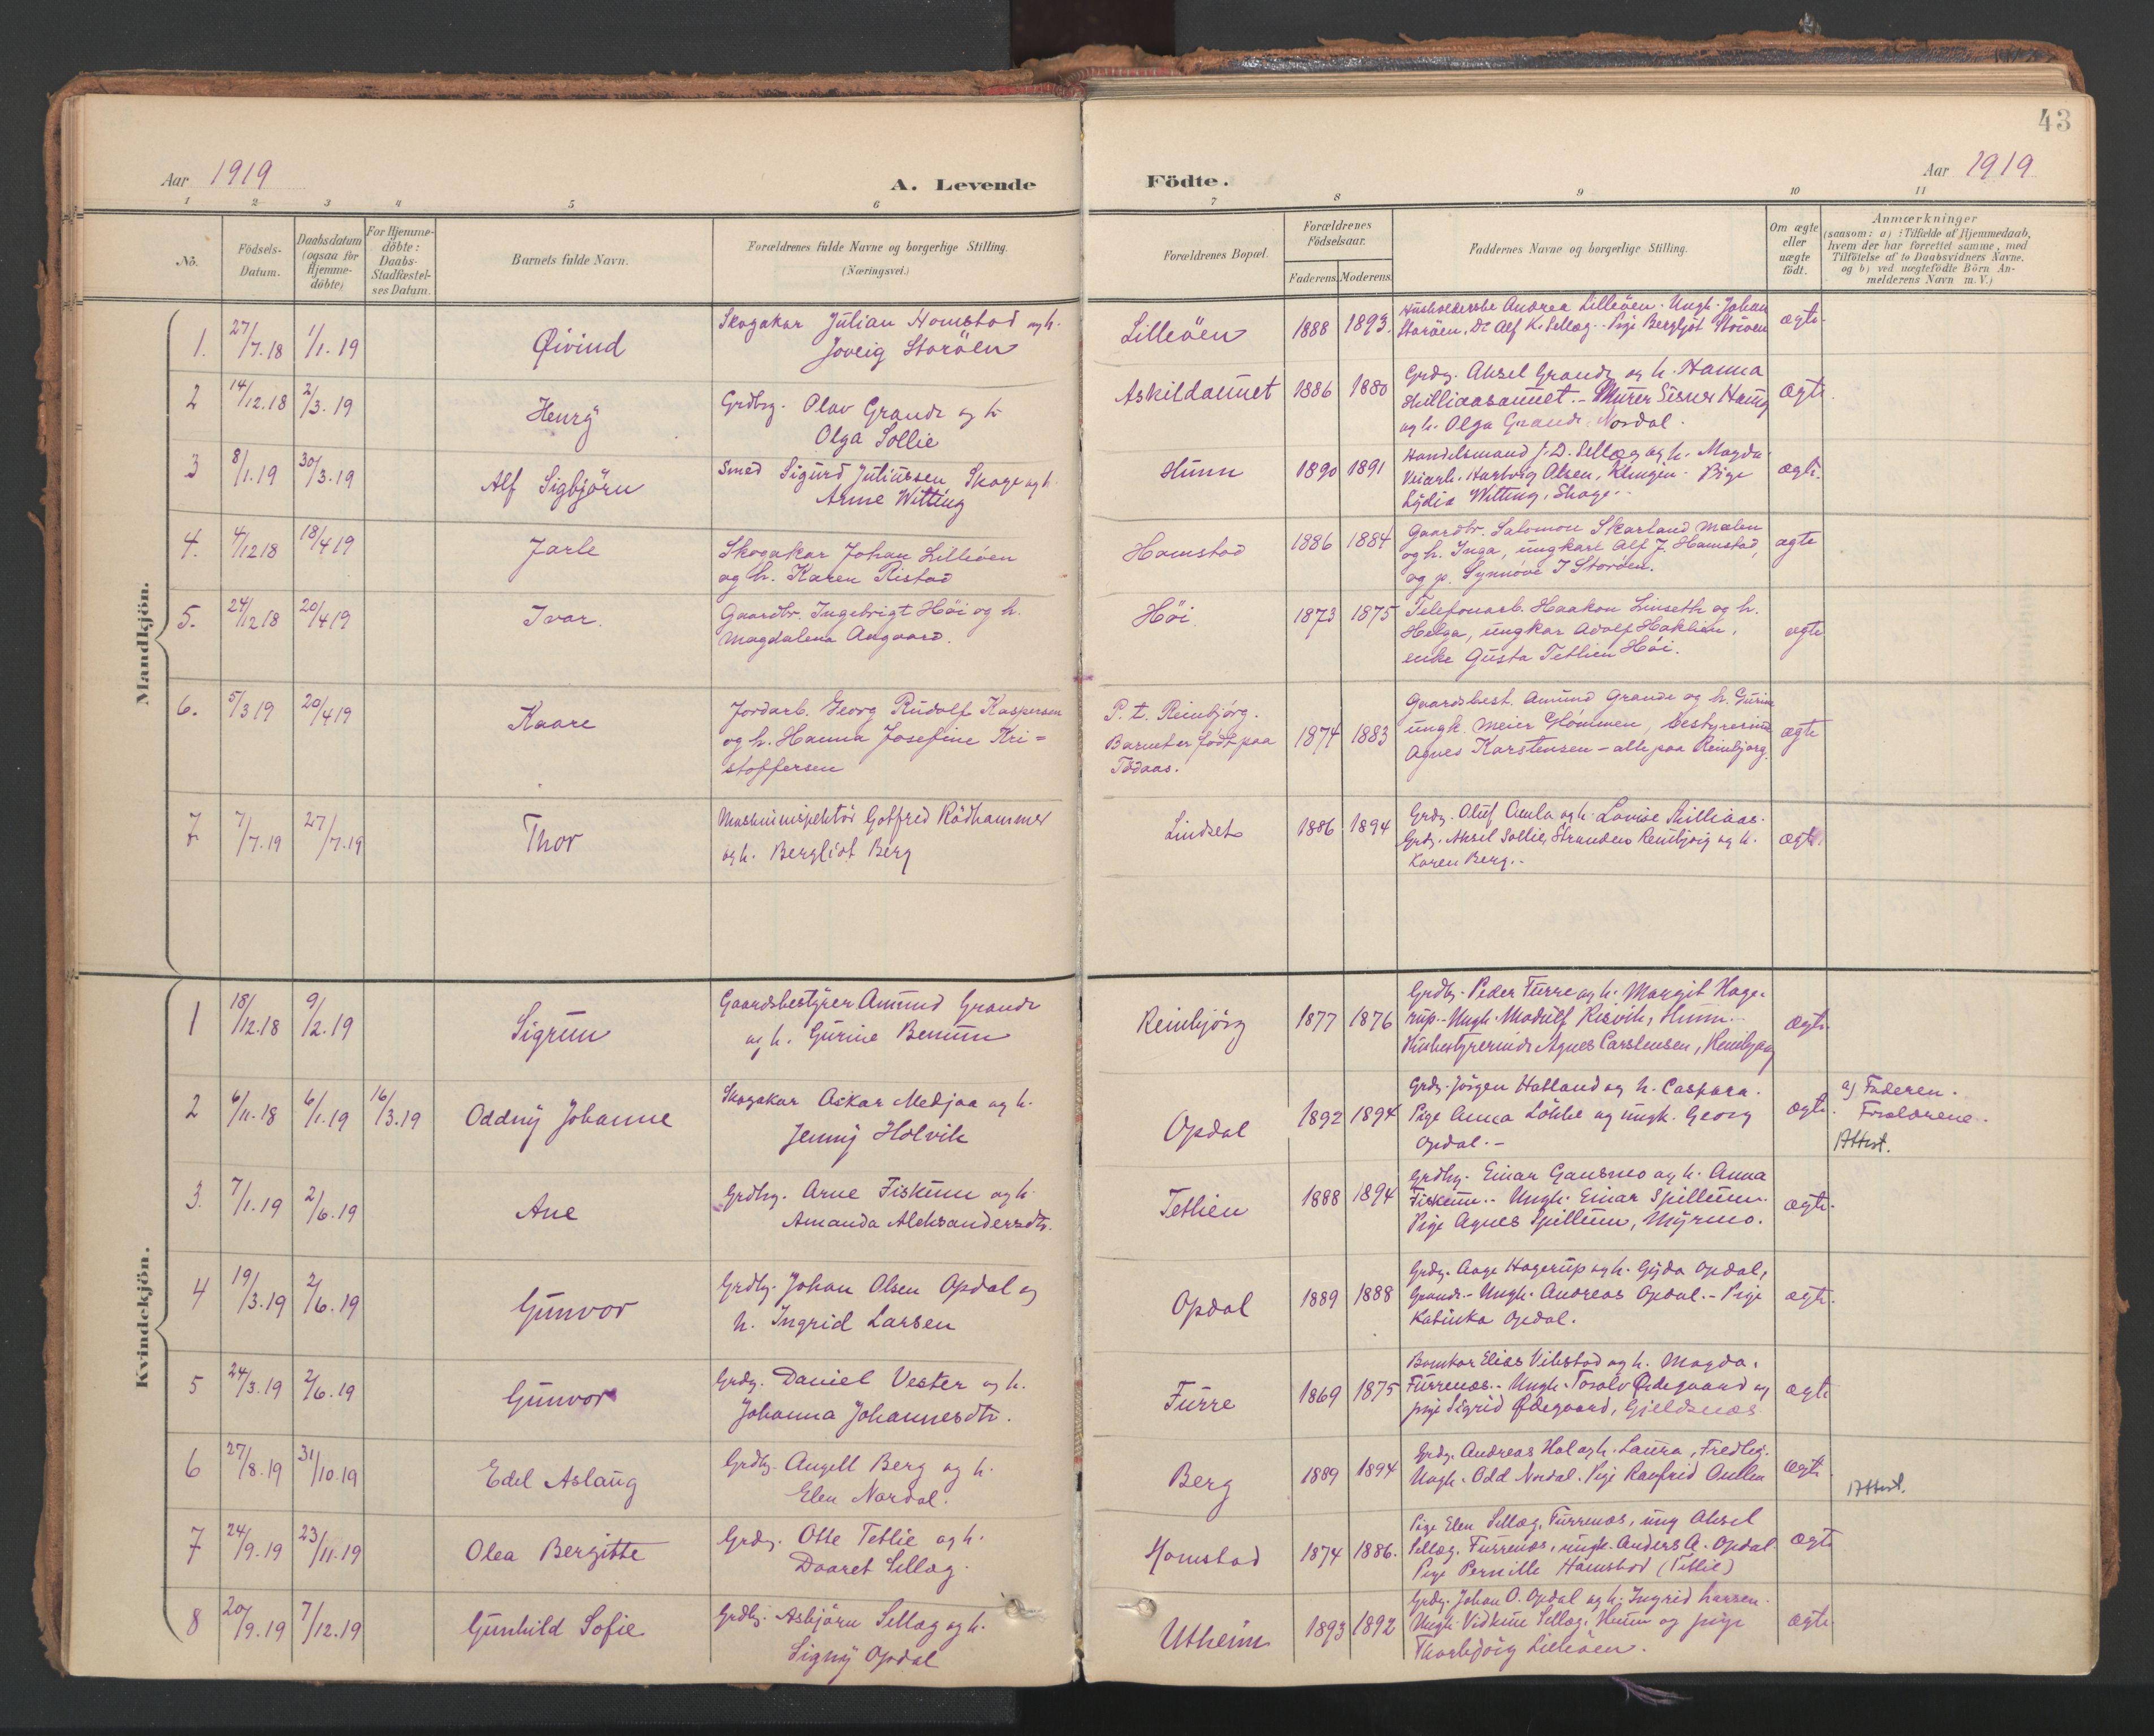 SAT, Ministerialprotokoller, klokkerbøker og fødselsregistre - Nord-Trøndelag, 766/L0564: Ministerialbok nr. 767A02, 1900-1932, s. 43